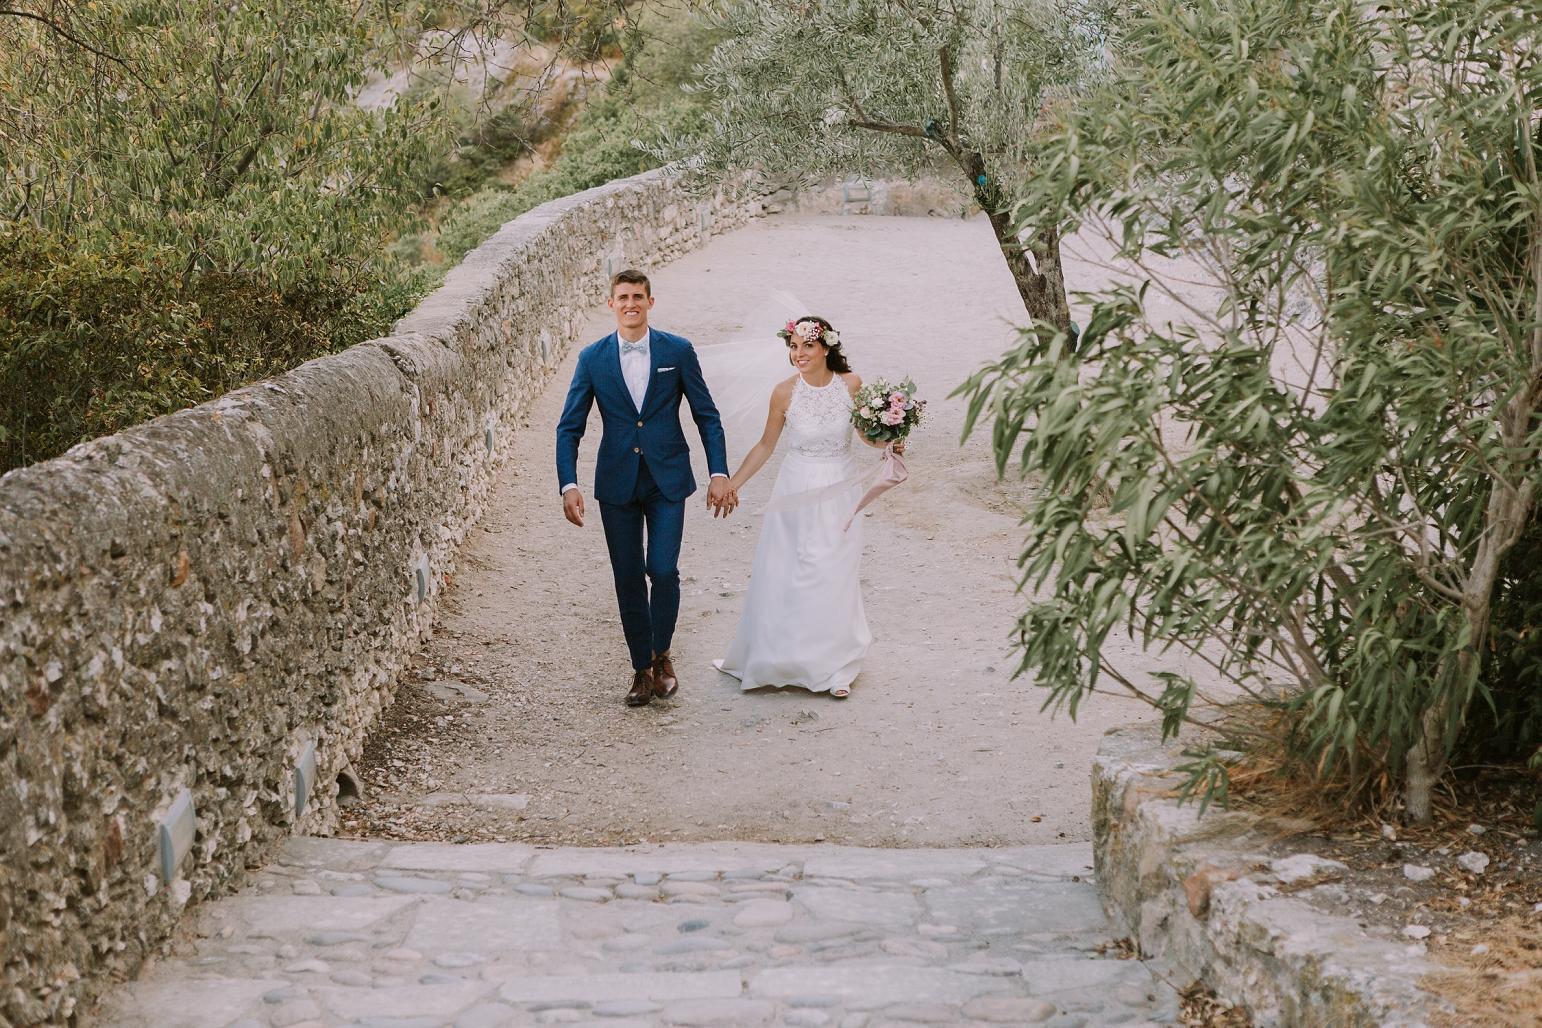 kateryna-photos-mariage-wedding-france-ardeche-domaine-clos-hullias-Saint-Christol-de-Rodière-gard-cevennes_0152.jpg